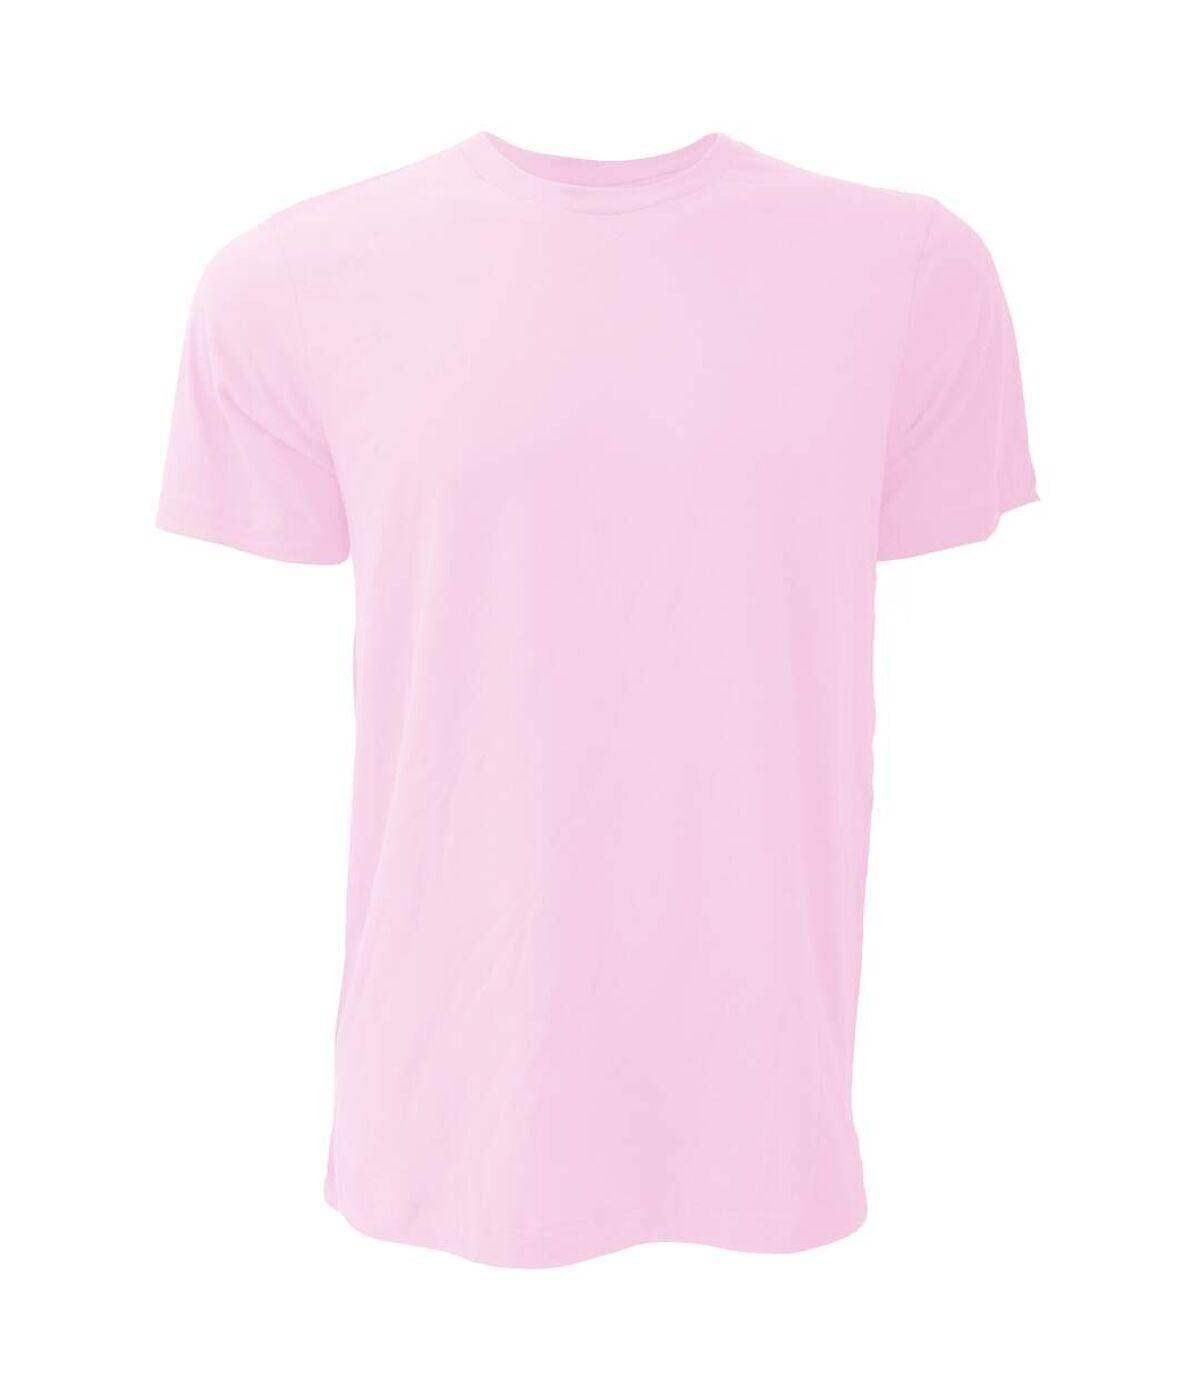 Canvas Unisex Jersey Crew Neck T-Shirt / Mens Short Sleeve T-Shirt (Soft Pink) - UTBC163